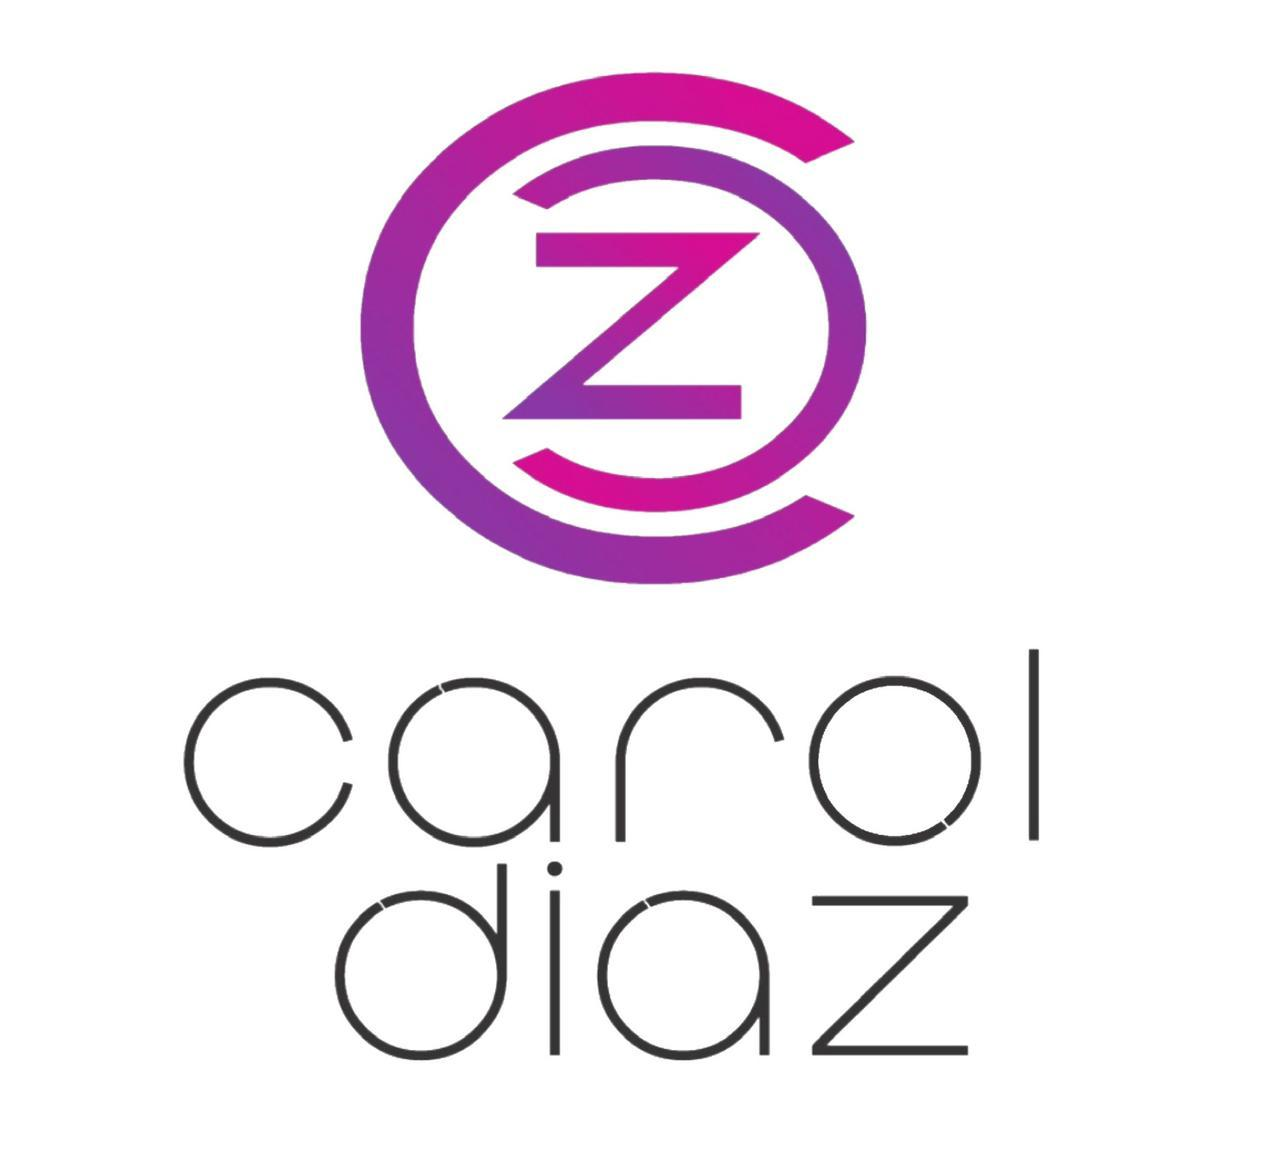 Carol Diaz